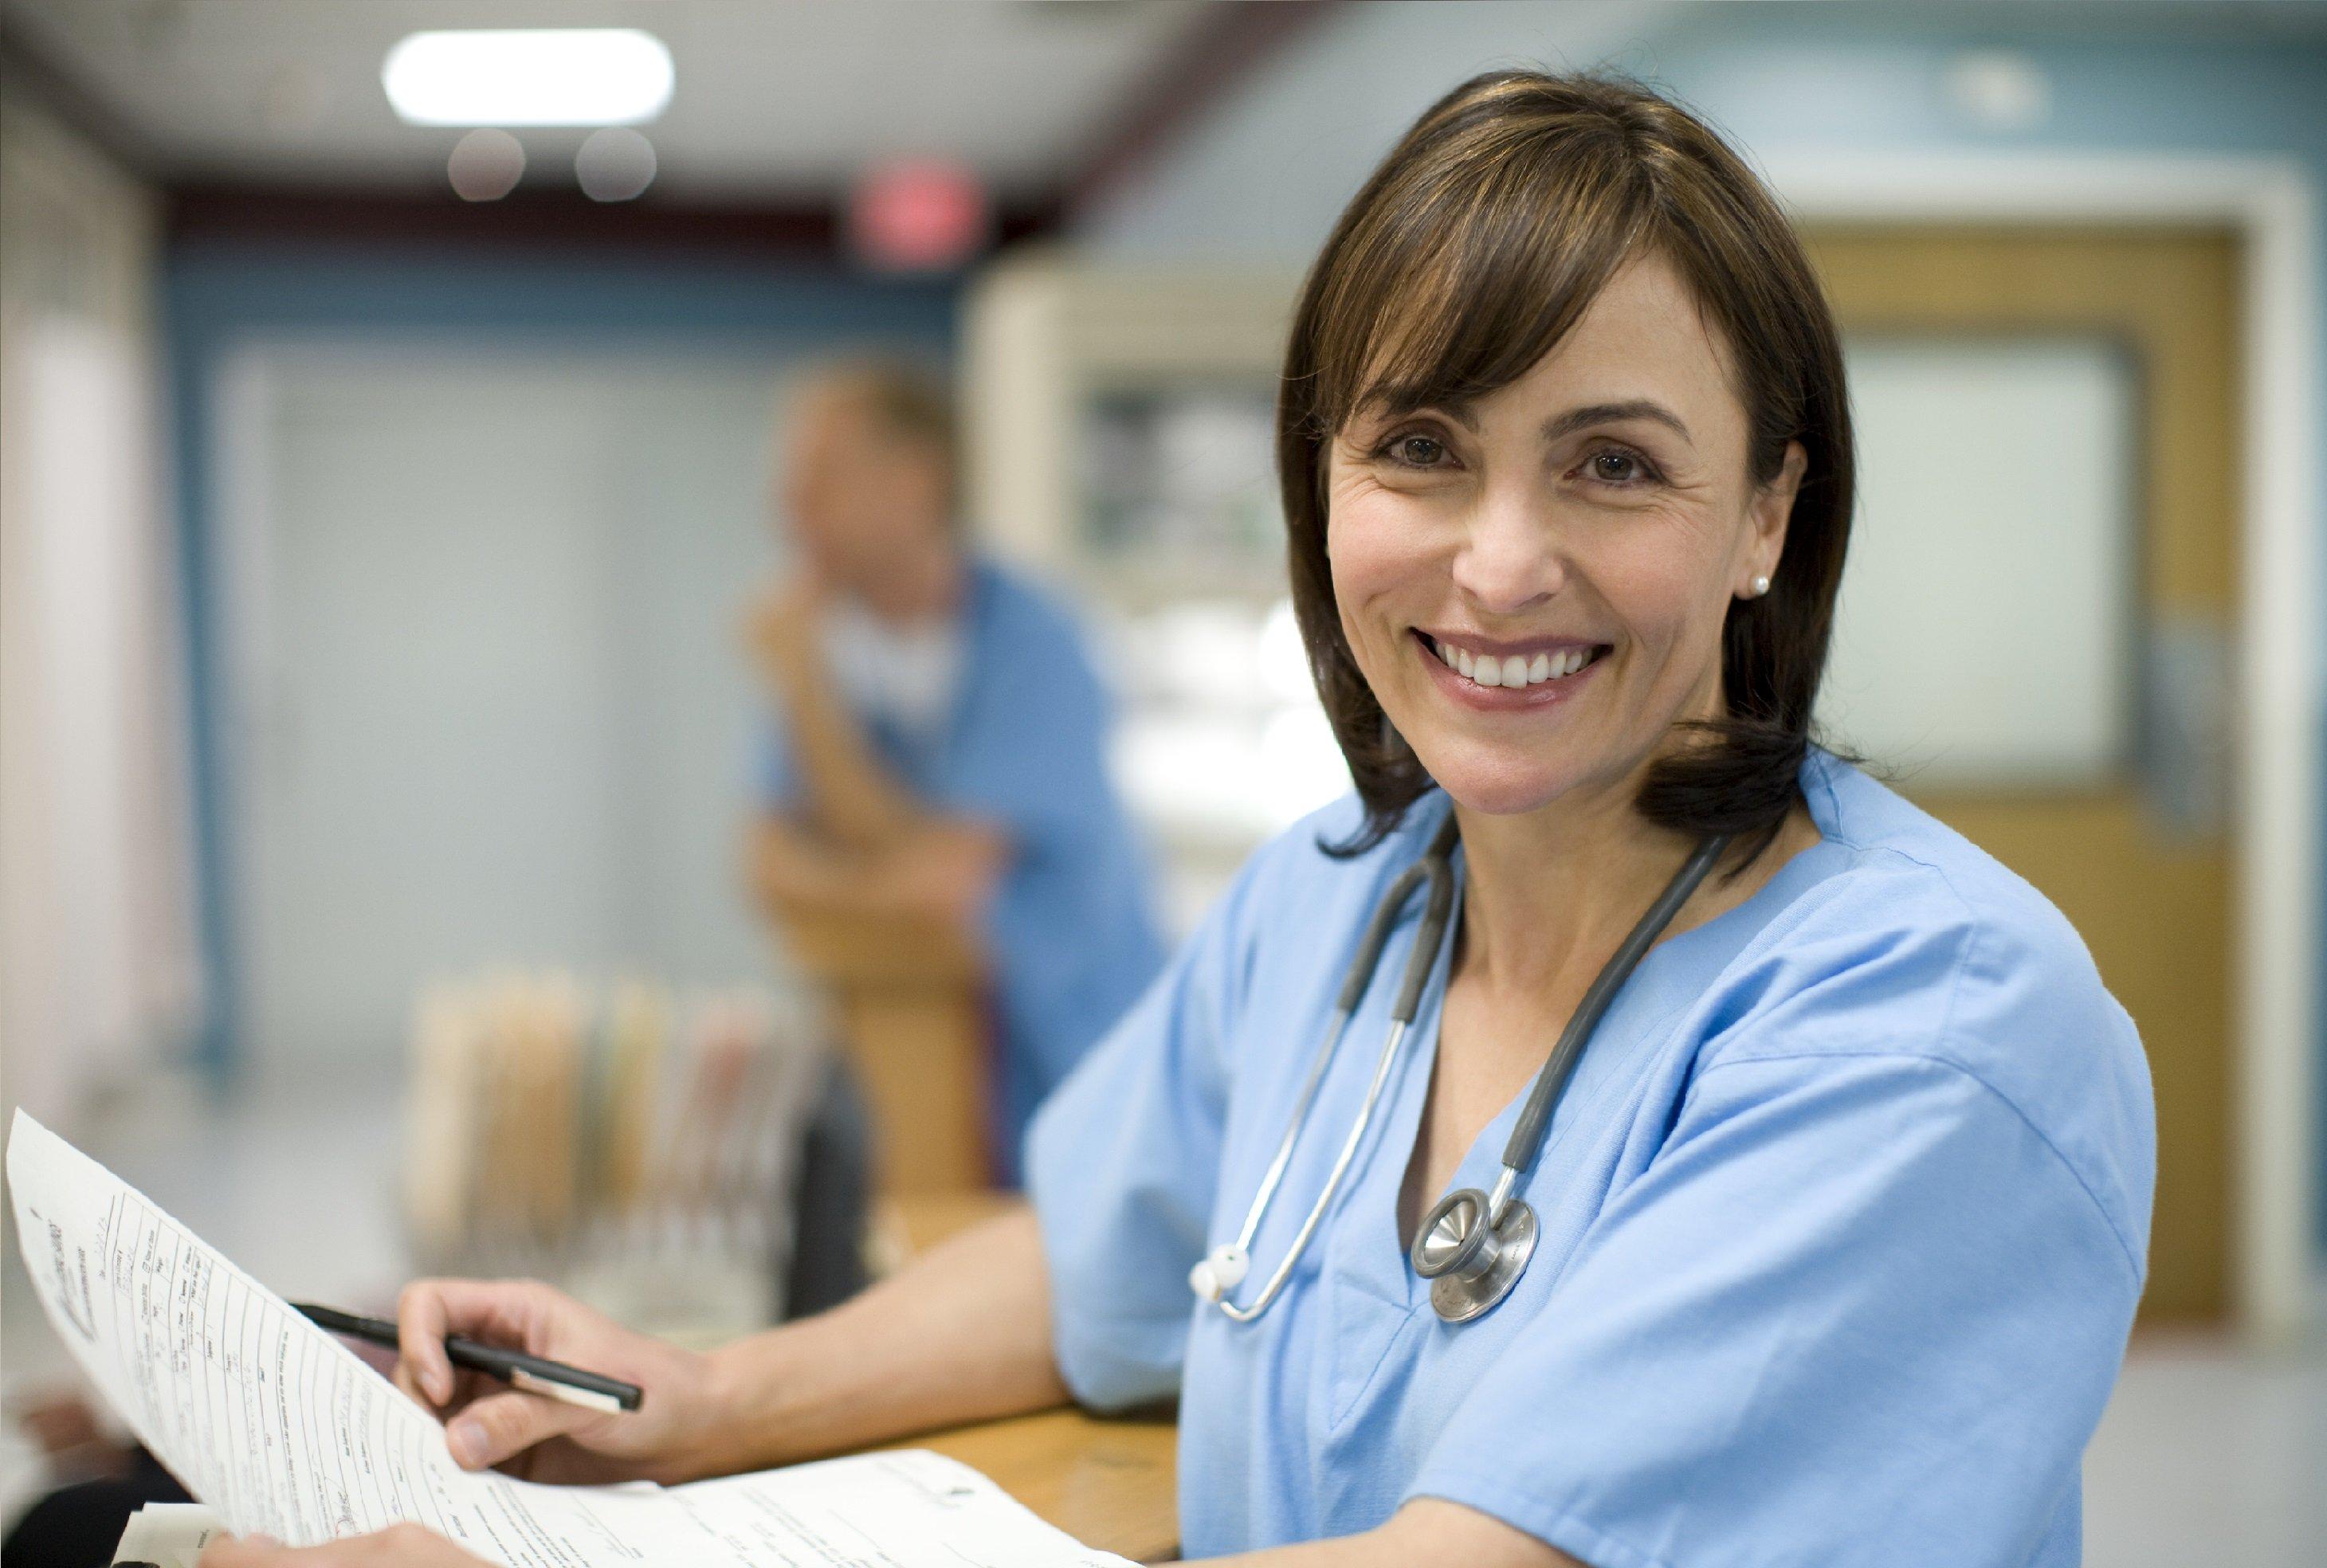 POS nurse